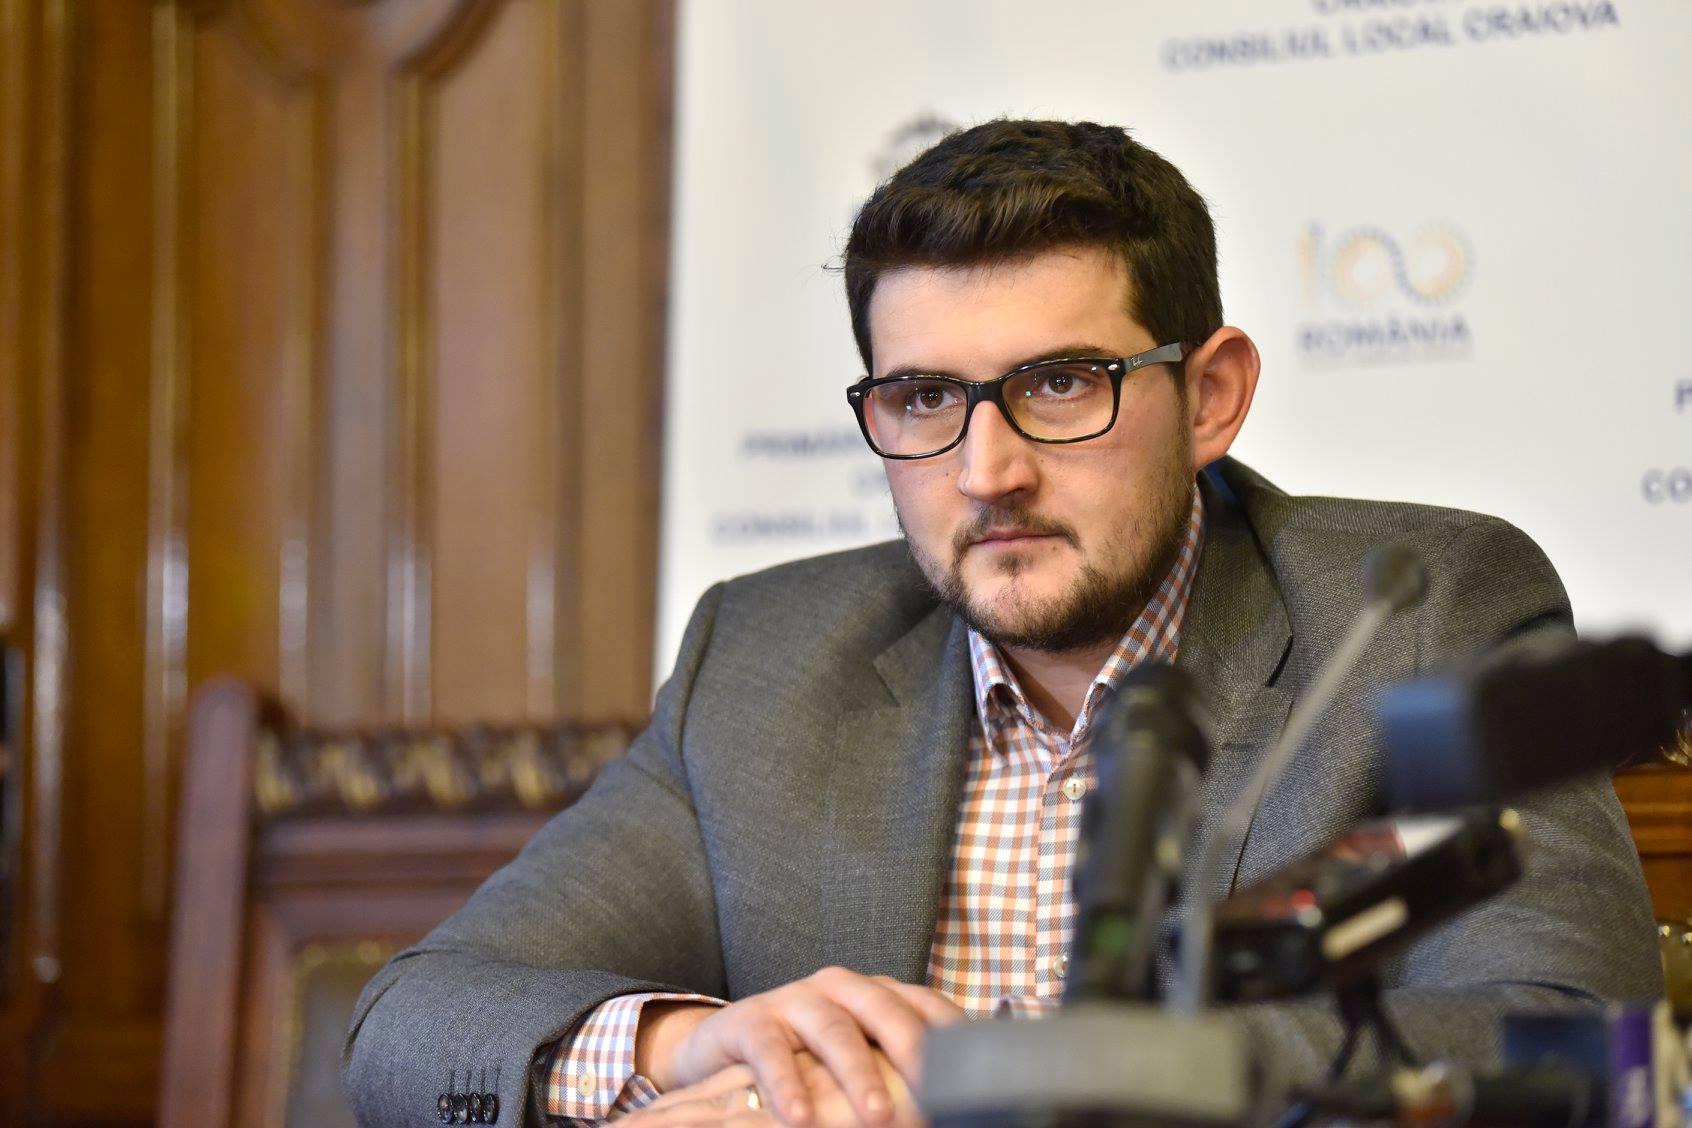 În ce funcție importantă a fost numit cumnatul Liei Olguța Vasilescu. Fratele lui Claudiu Manda va primi 9000 de lei pe lună